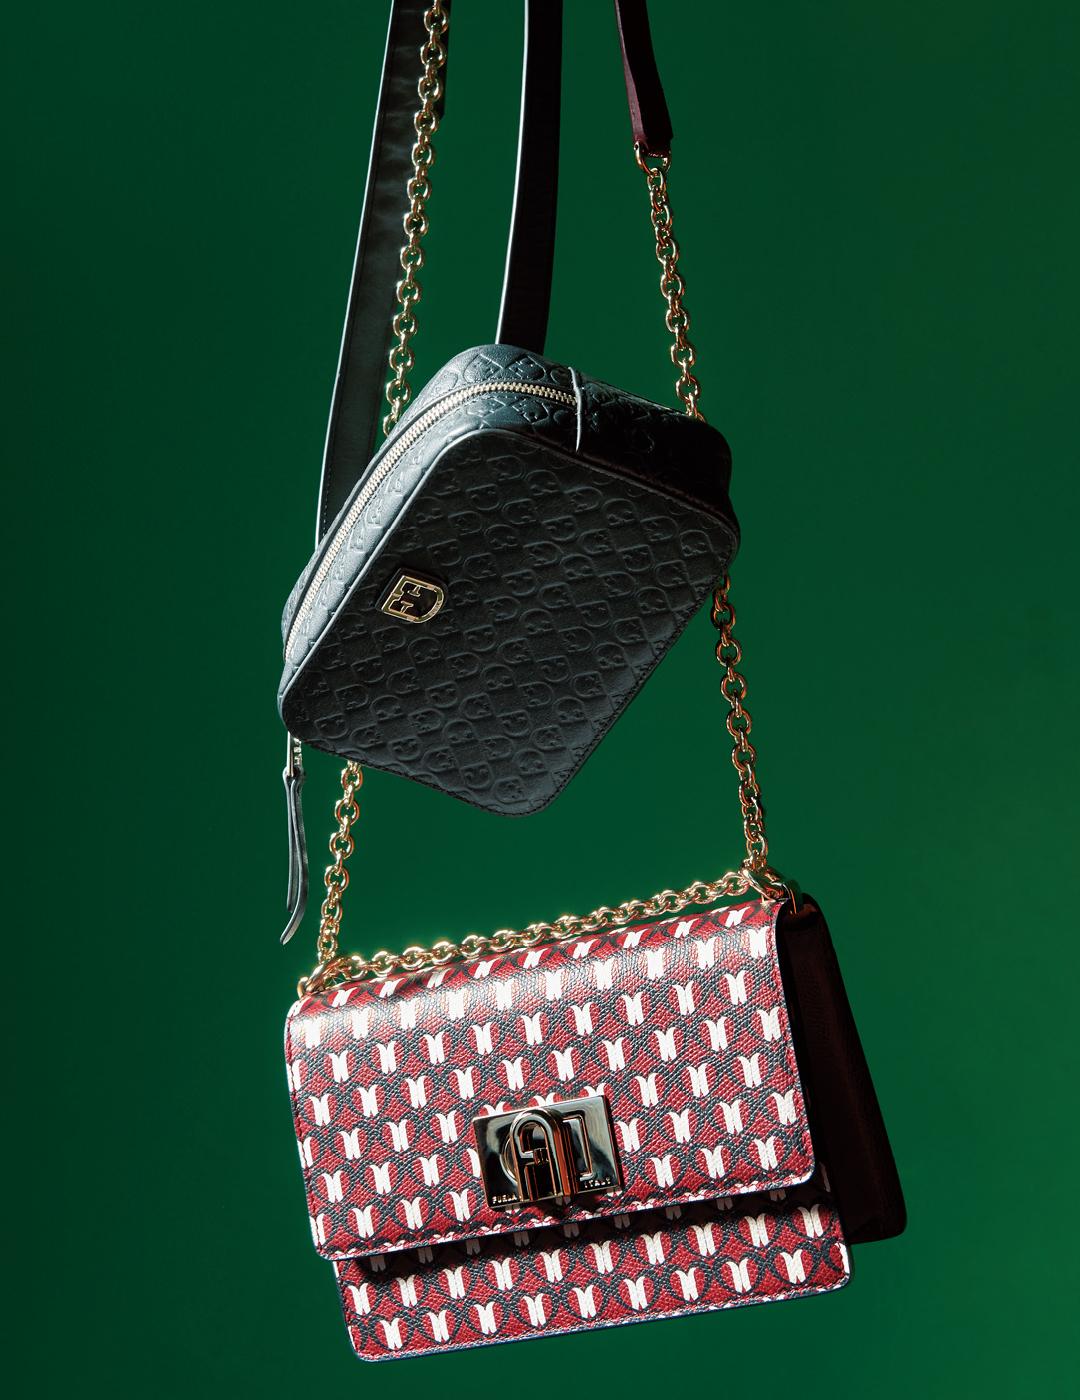 フルラの春新作バッグ、今すぐ買いたいのはこの2つ!【20歳からの名品】_1_2